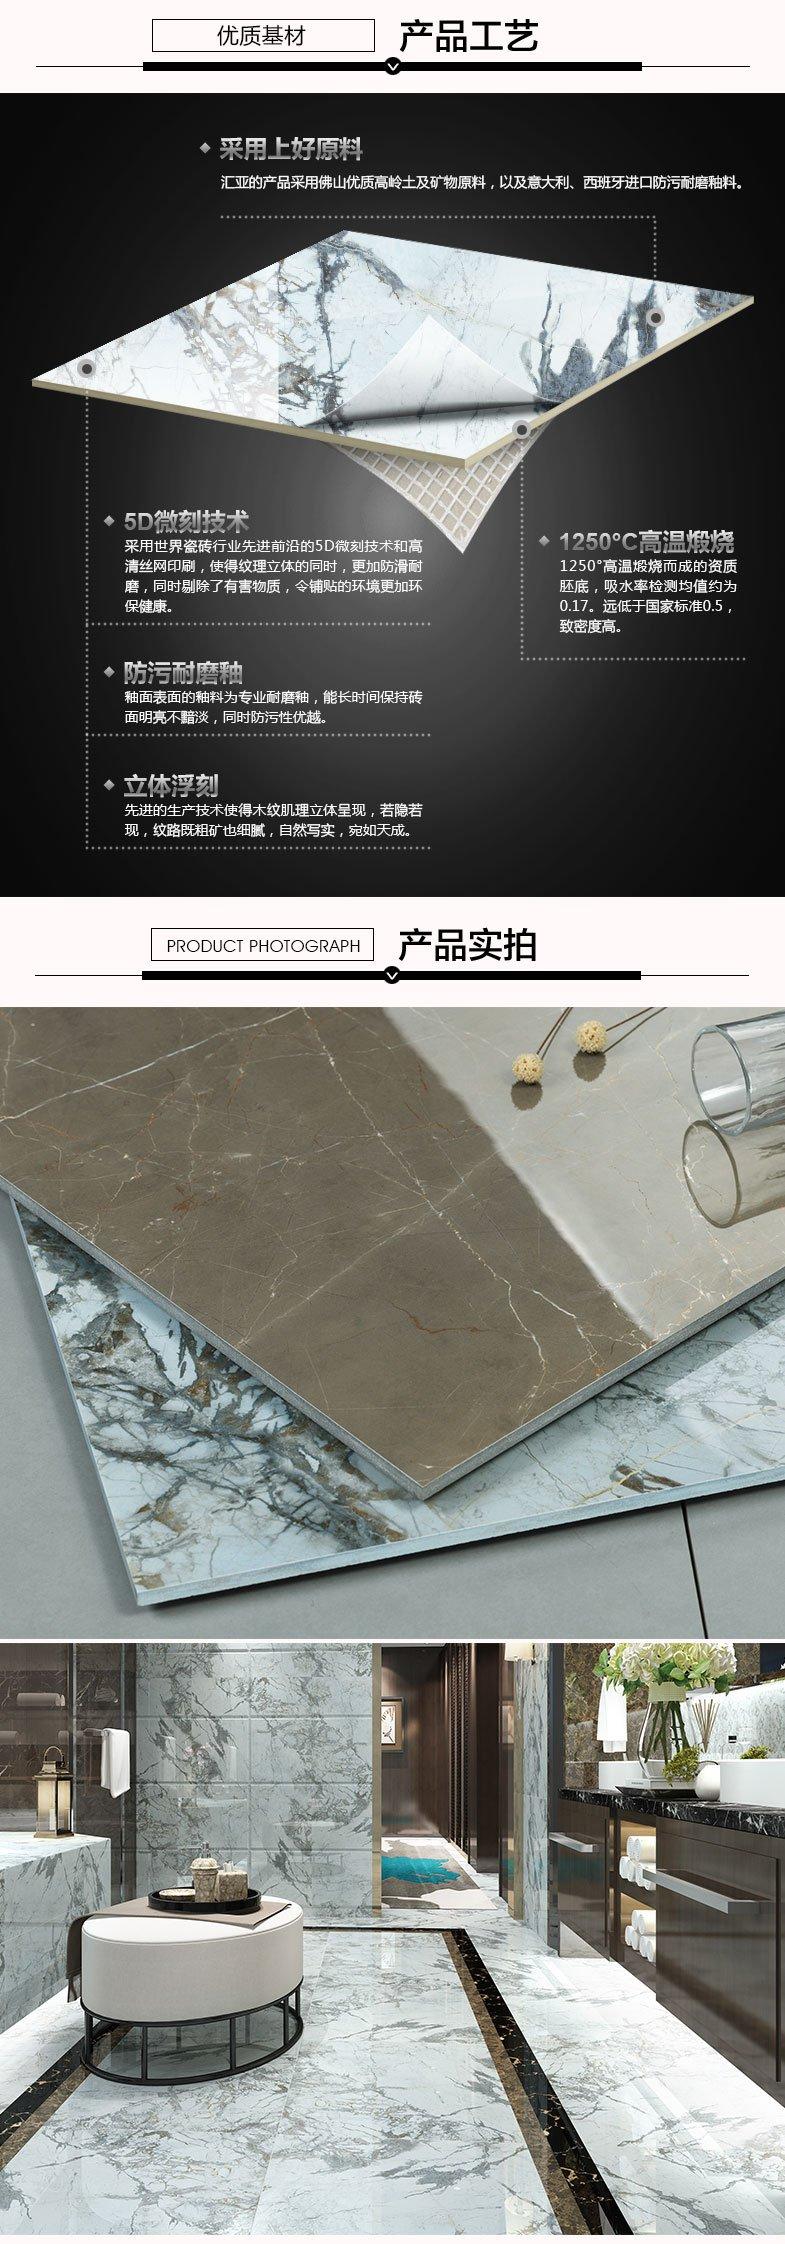 汇亚瓷砖通体大理石爵士蓝瓷砖产品及装修效果图